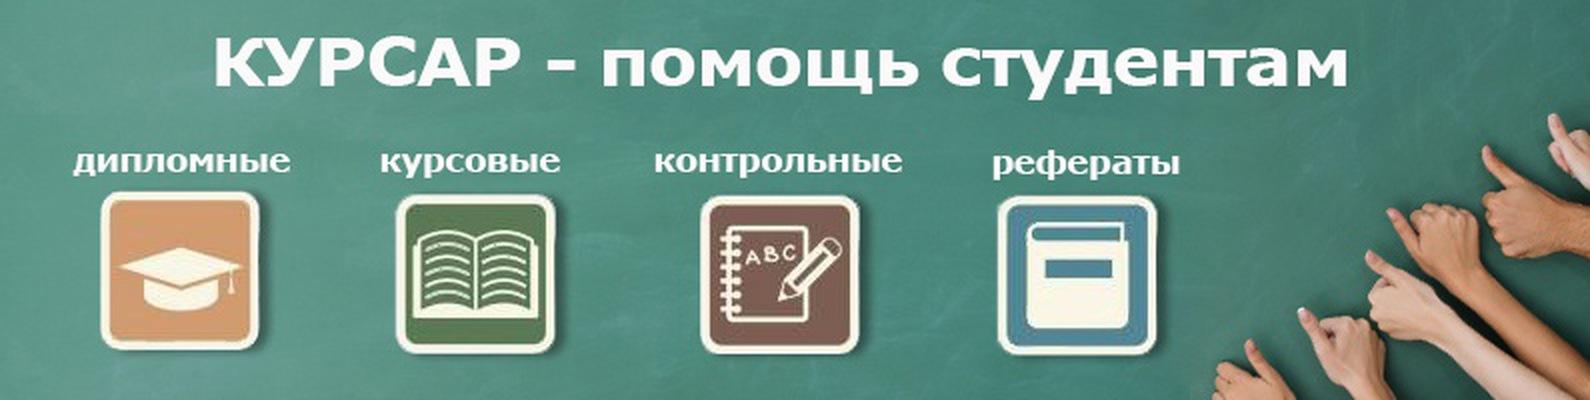 ДИПЛОМНАЯ КУРСОВАЯ КОНТРОЛЬНАЯ РЕФЕРАТ КУРСАР ВКонтакте